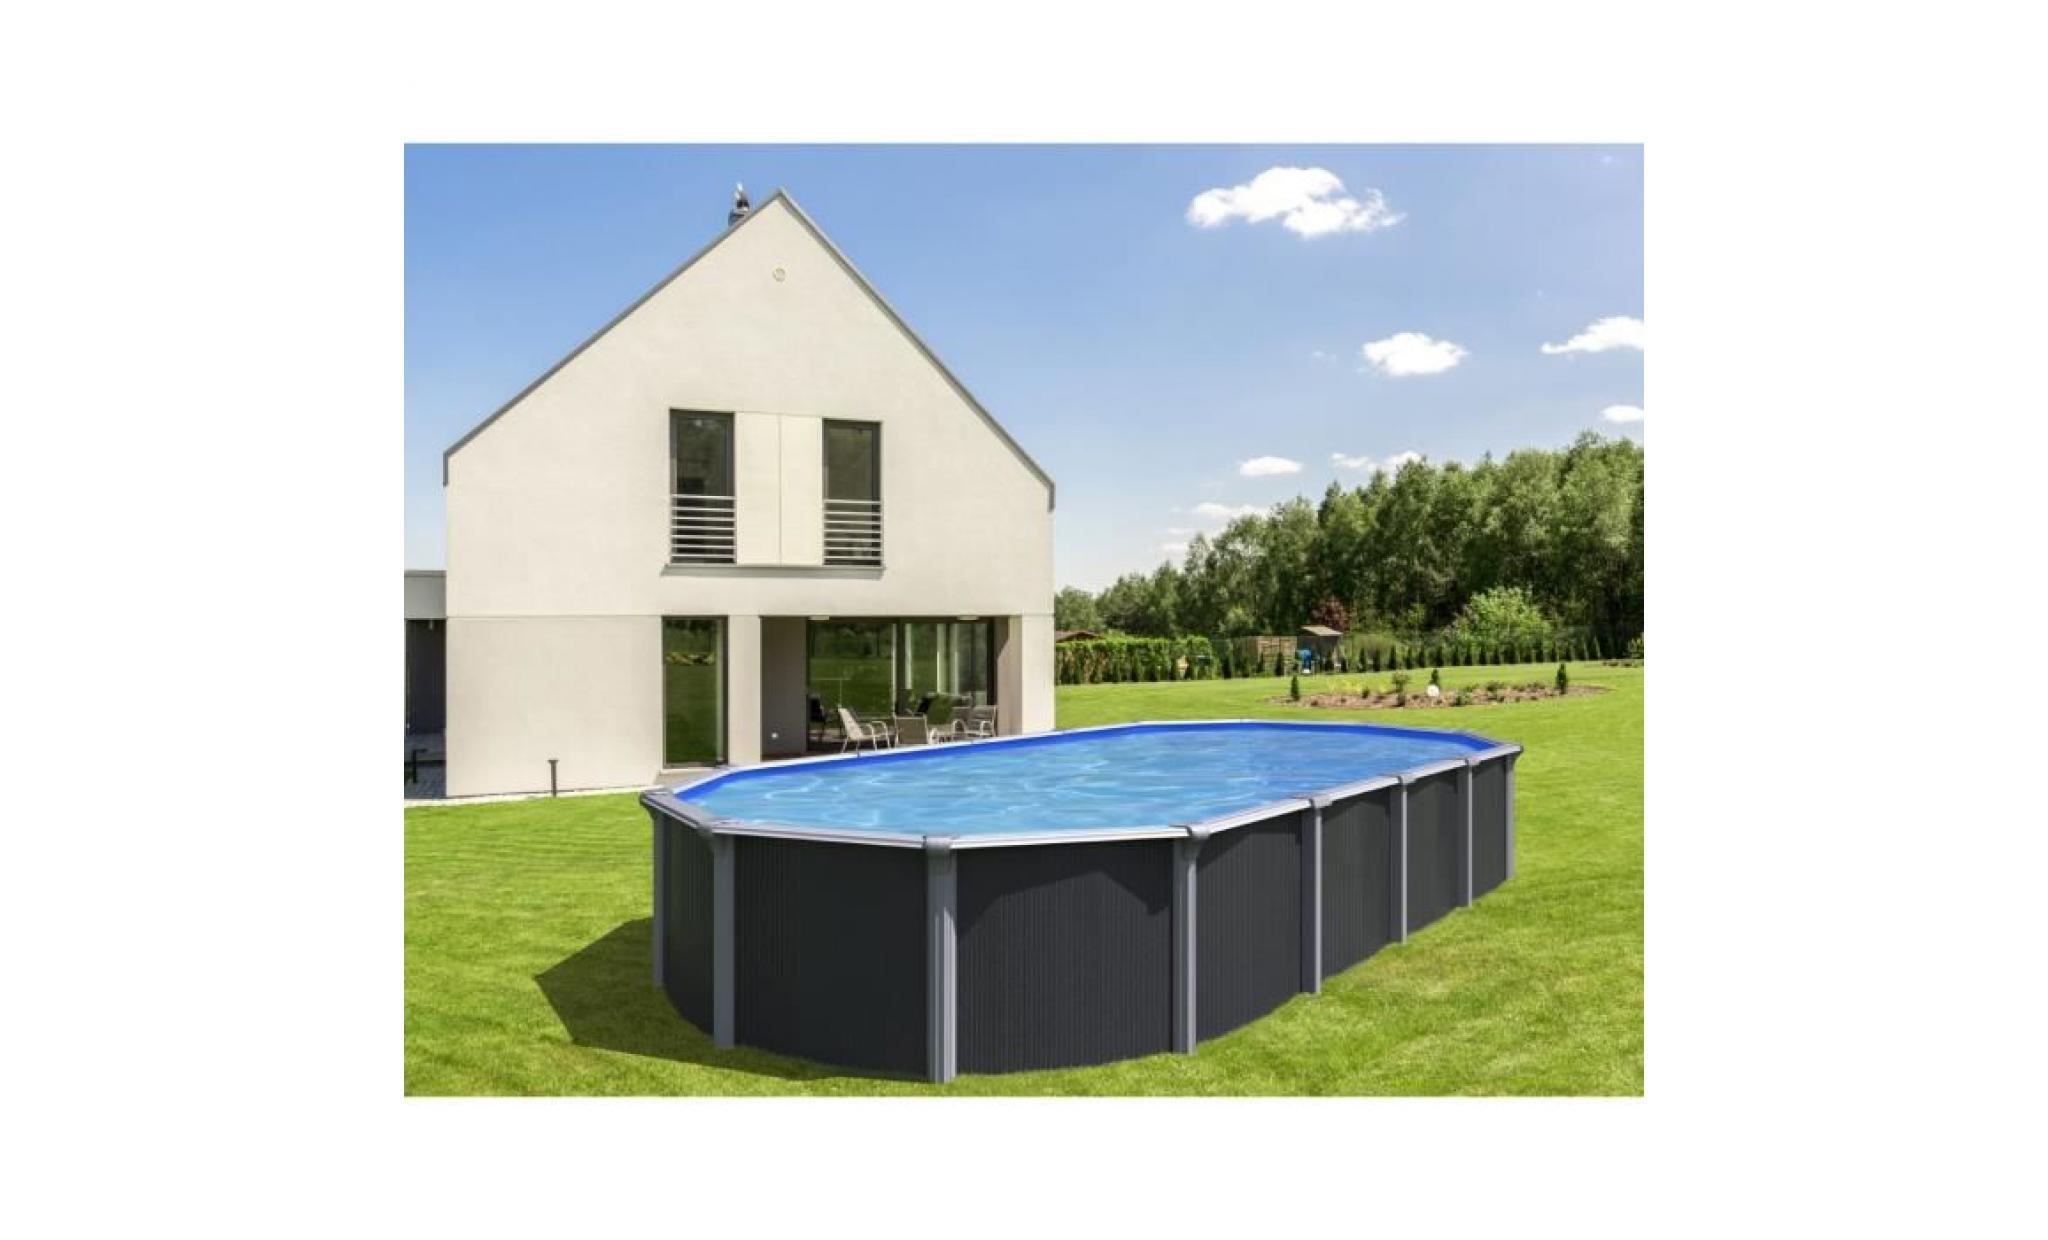 Trigano piscine m tal hors sol osmose 7 60 x 3 95 x 1 32 m - Piscine hors sol acier pas cher ...